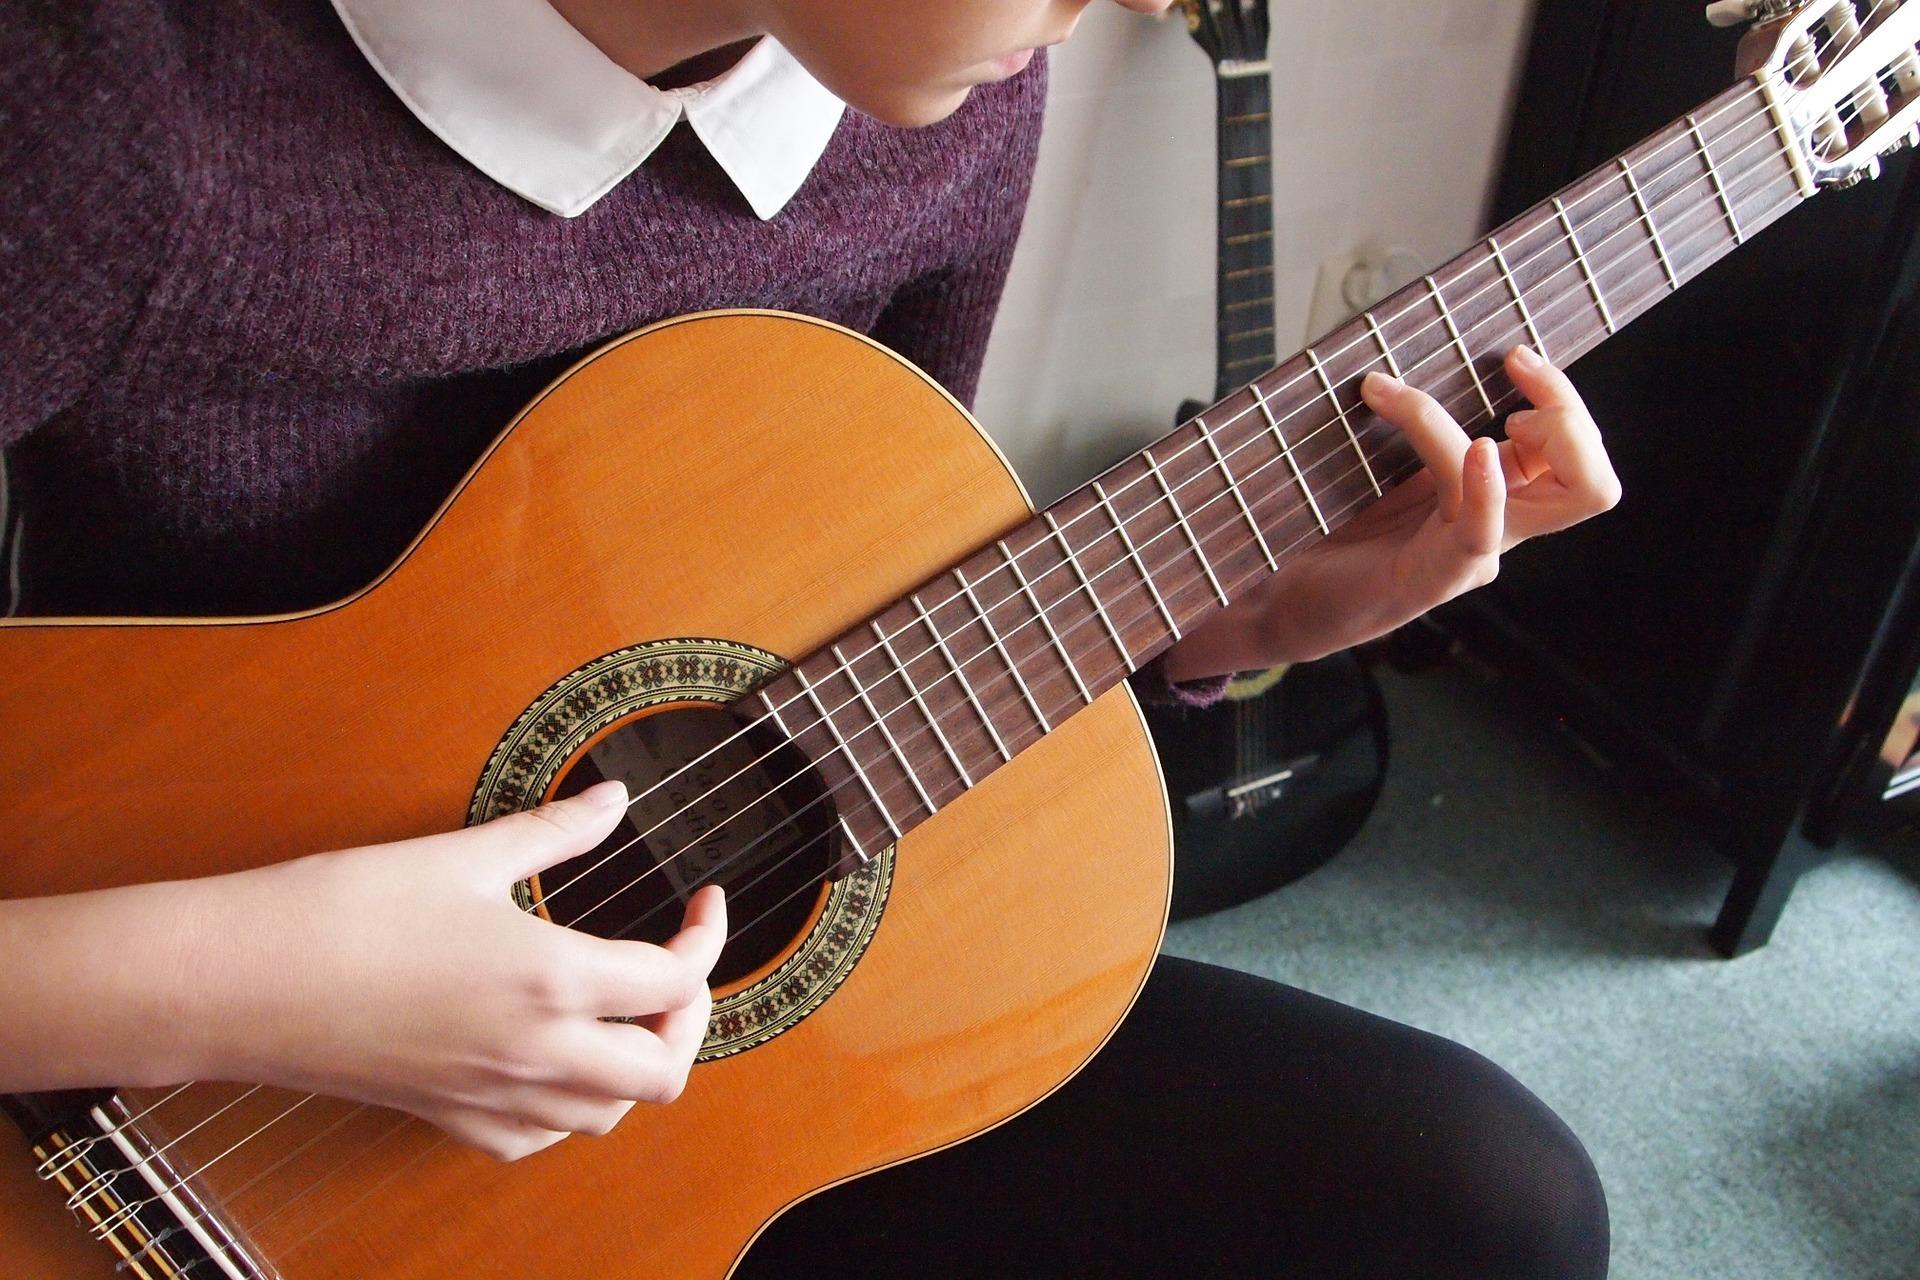 El Park Güell s'omple de guitarres els divendres de juliol